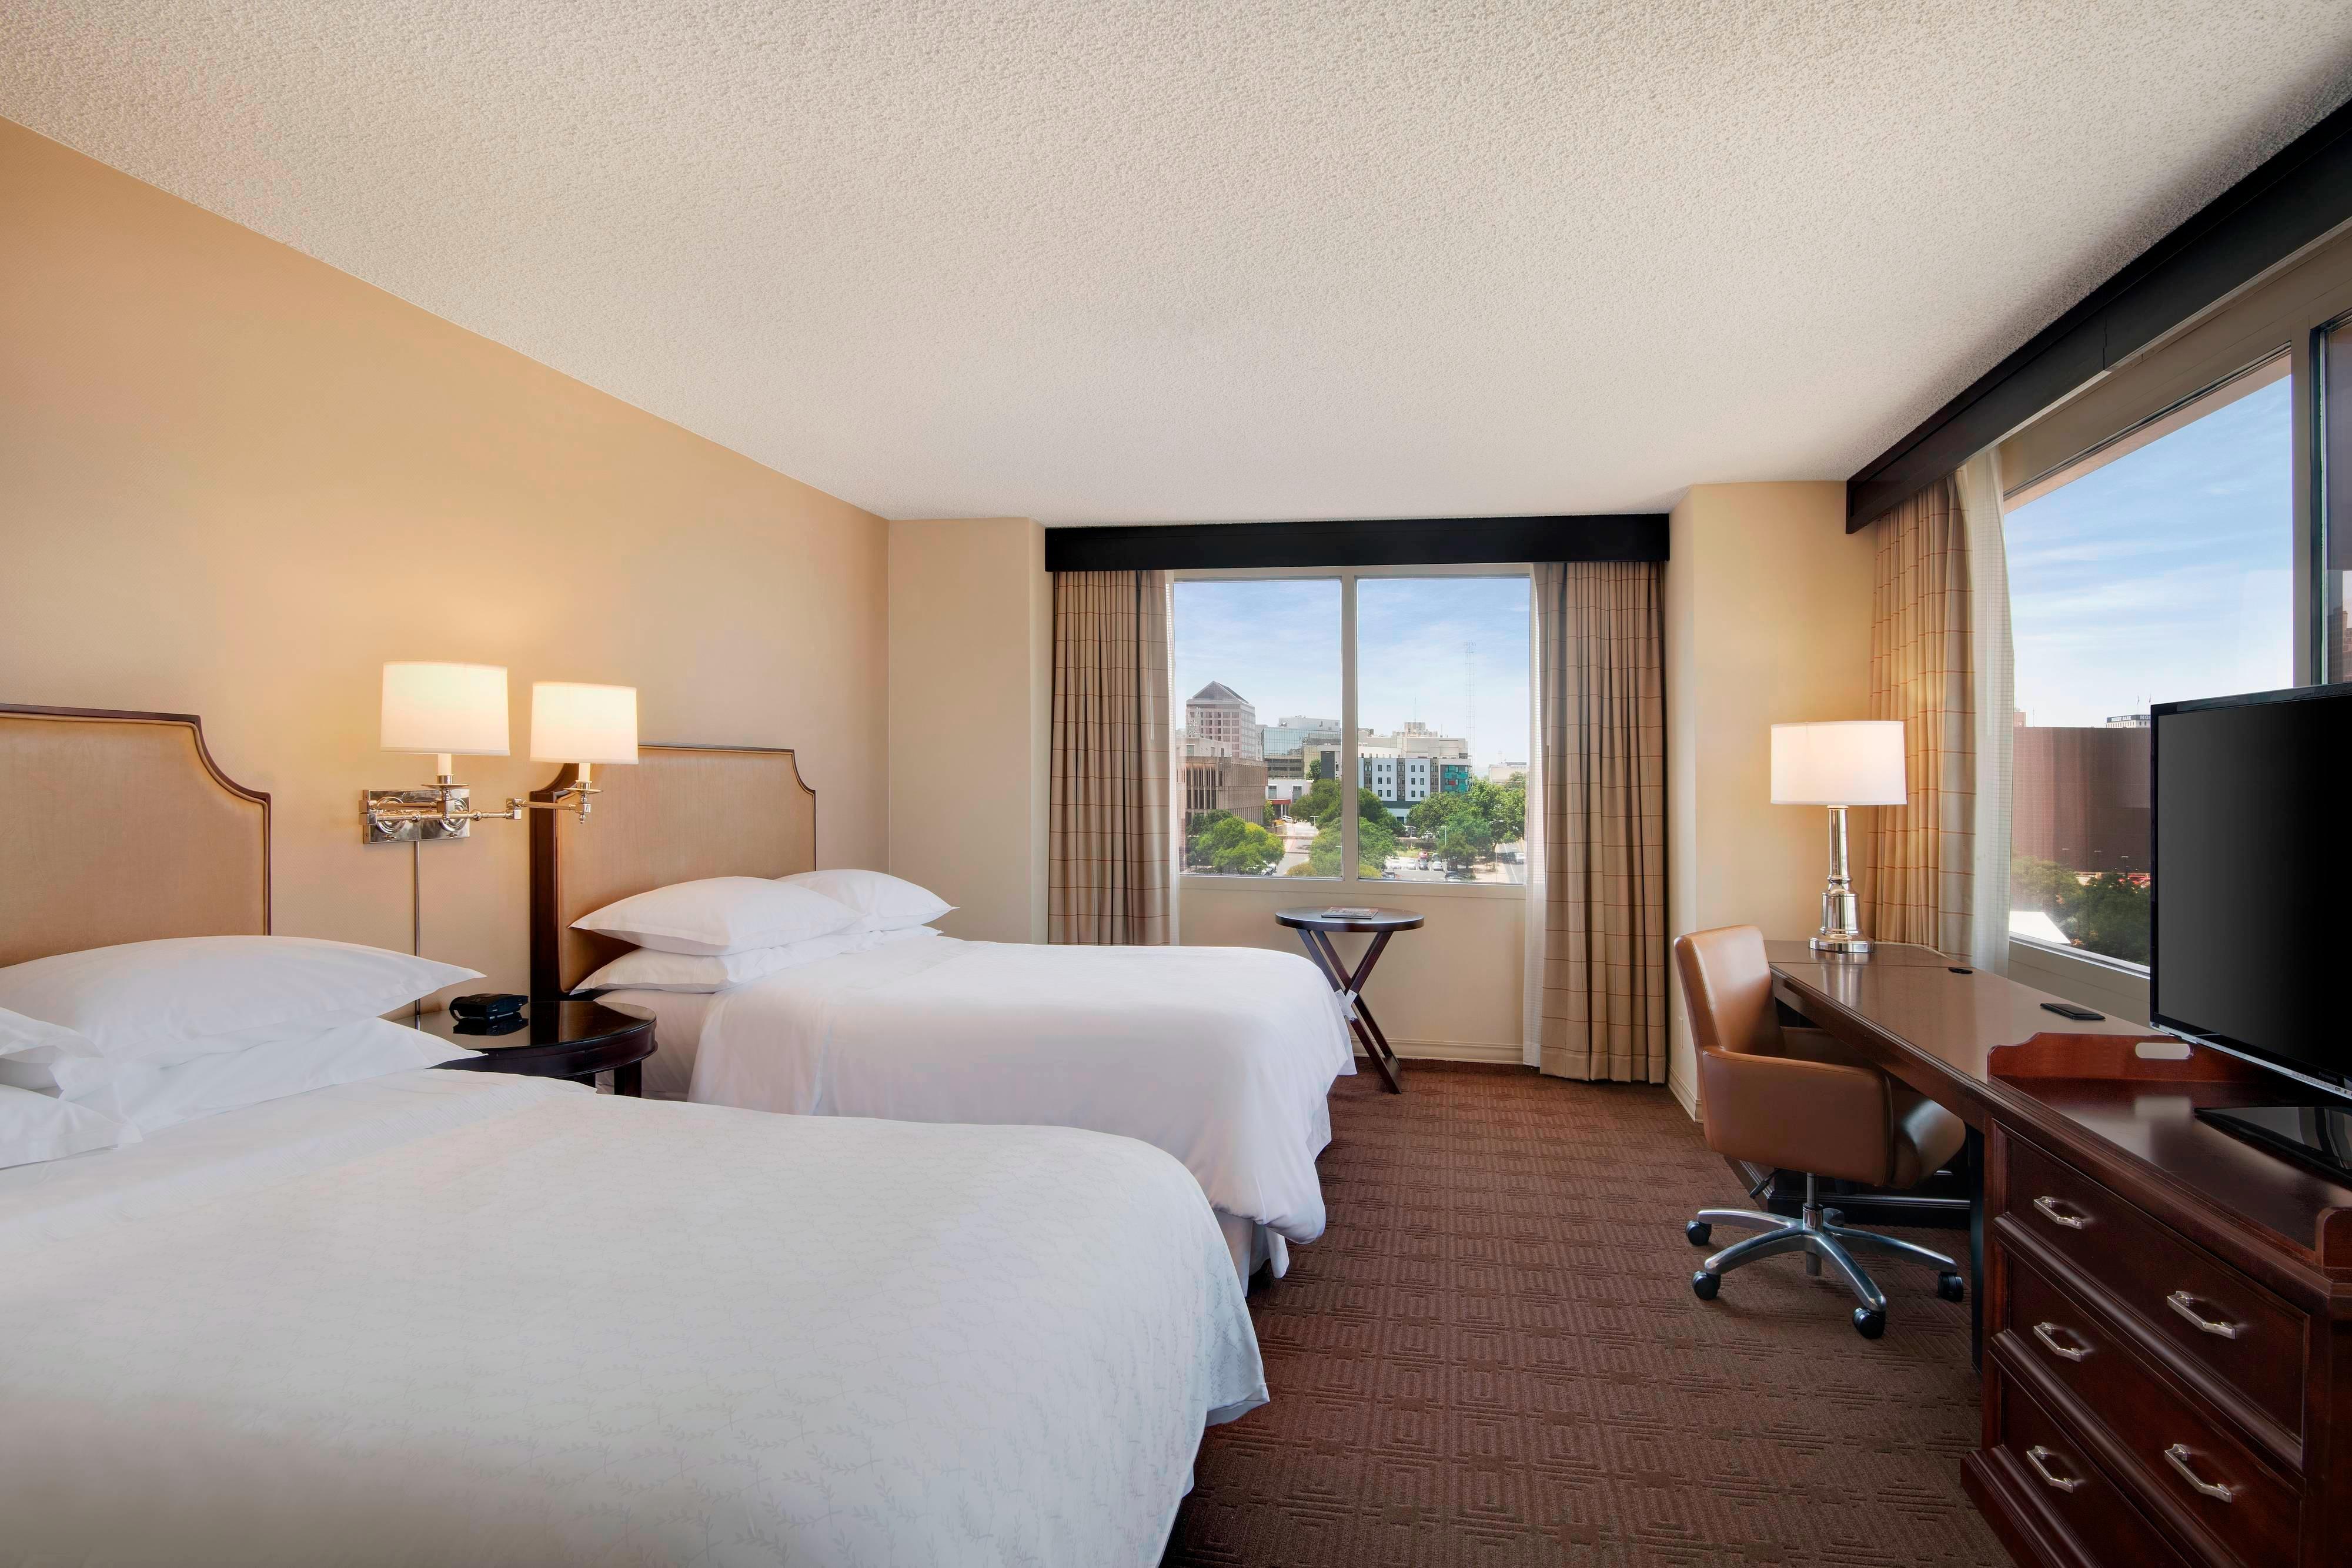 Deluxe Eck-Gästezimmer mit zwei Queensize-Betten